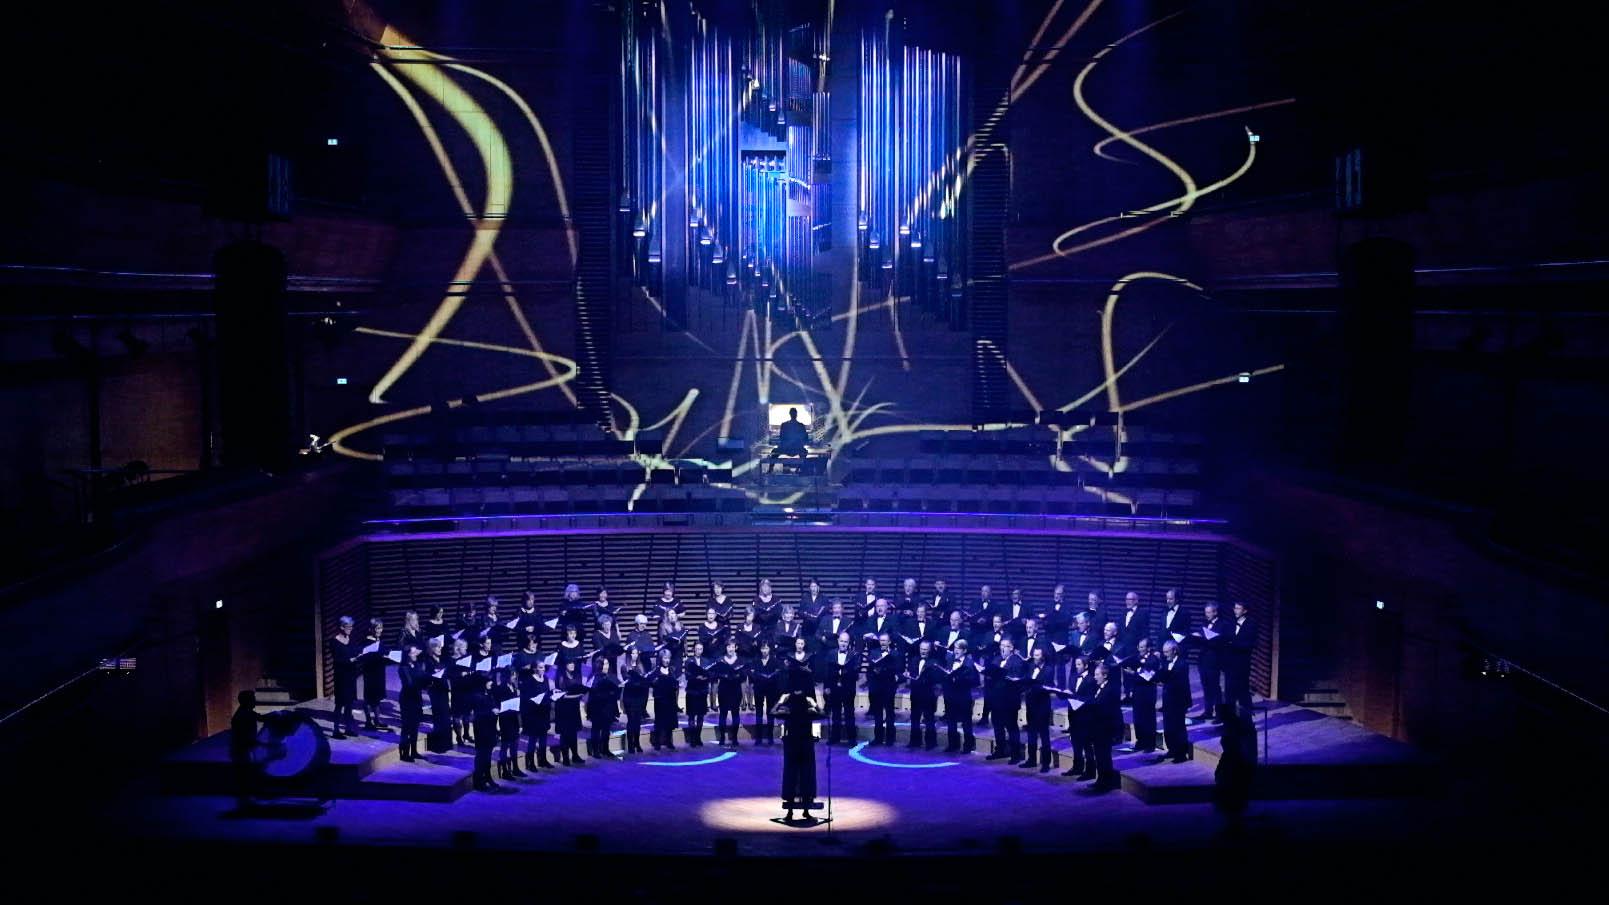 Symfonikor_06_Fotograf_Tord_F_Paulsen.jpg